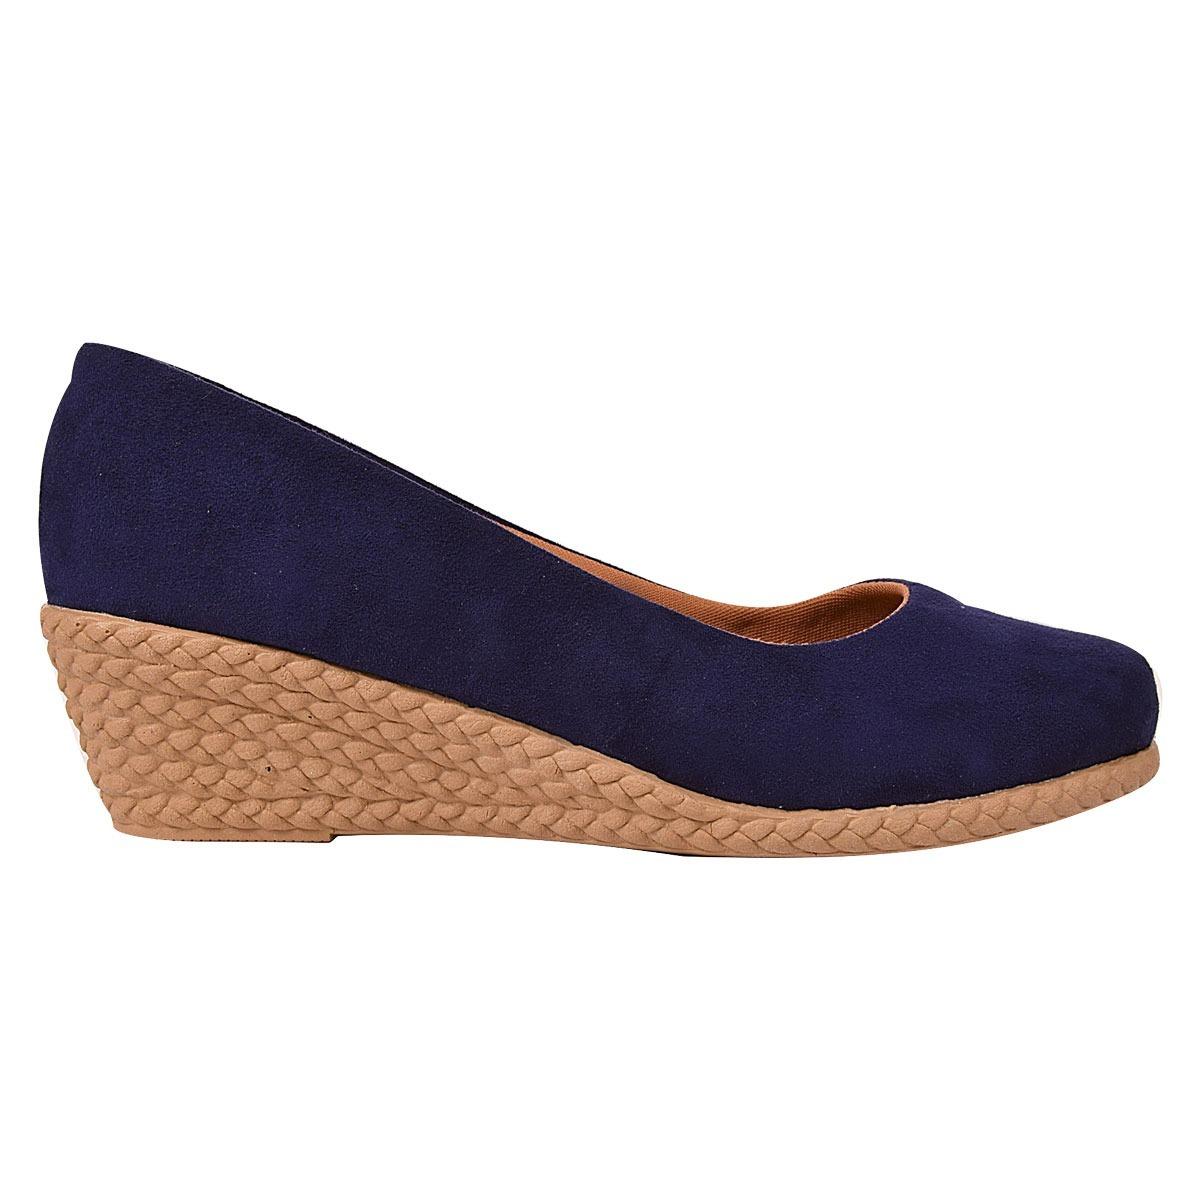 6db222e08 sapato sandalia feminina salto alto grosso anabela wlh 11. Carregando zoom.